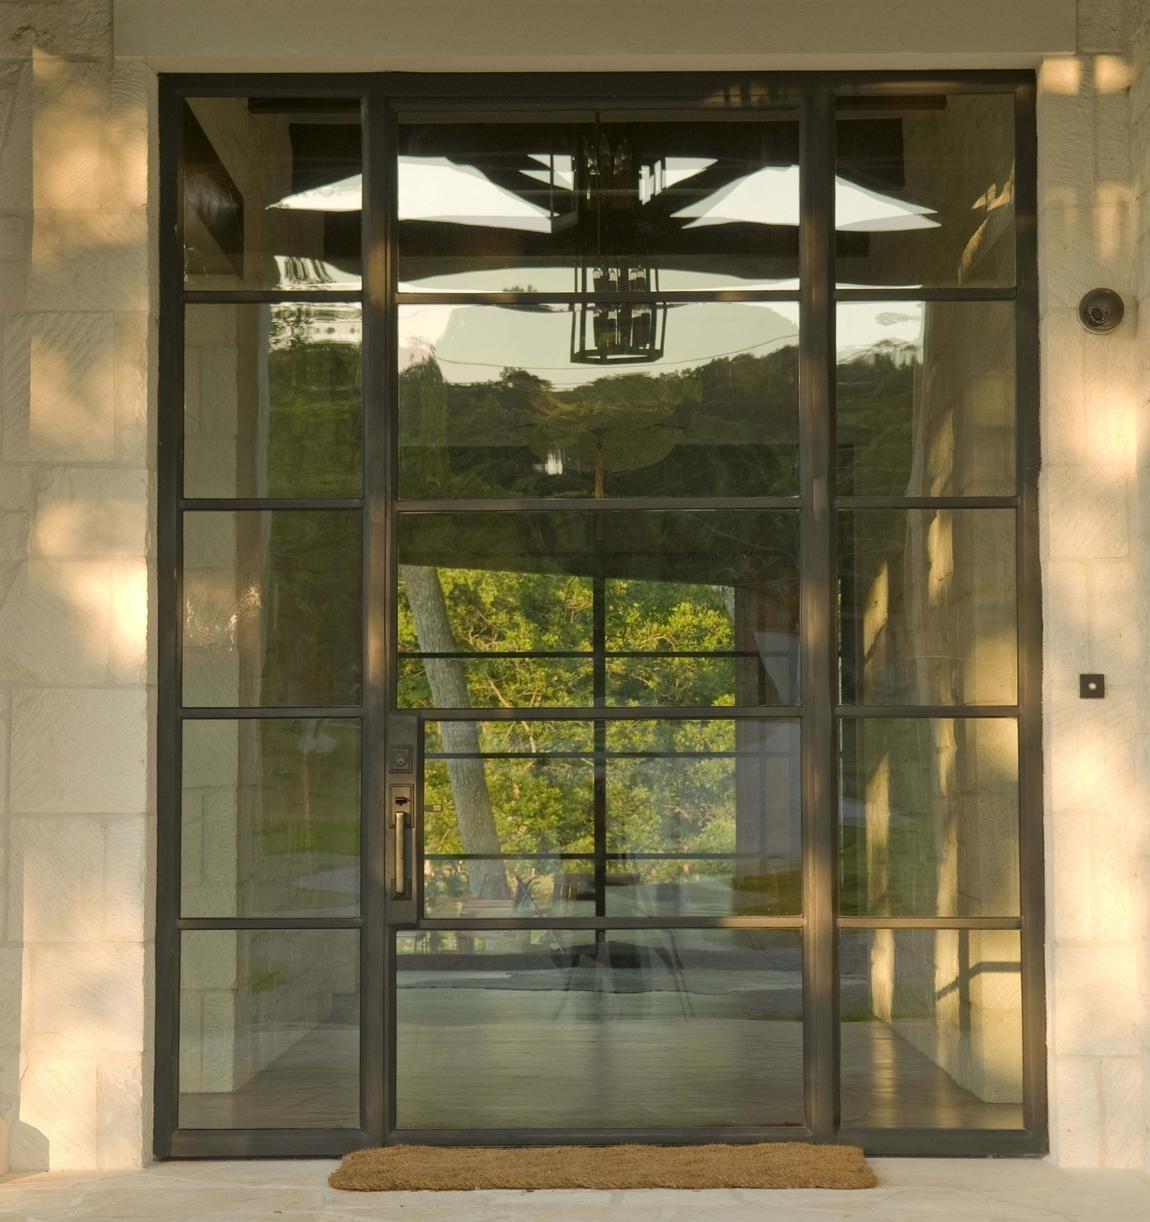 Millennium Line | Durango Doors Suite 300 at The Houston Design Center // & Millennium Line | Durango Doors Suite 300 at The Houston Design ... pezcame.com